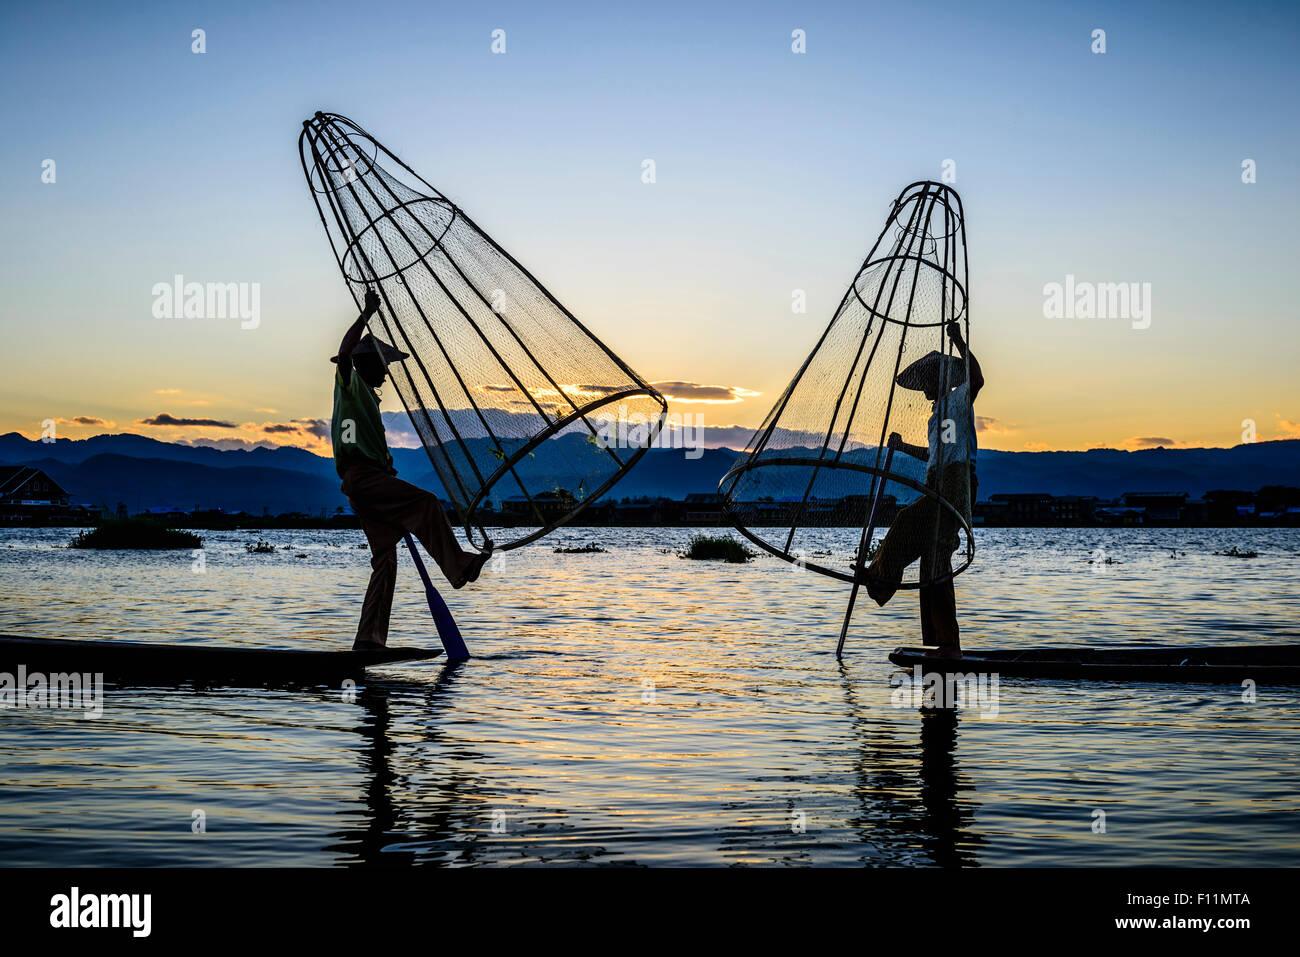 Asiatische Fischer mit Fischernetzen im Kanu auf dem Fluss Stockbild